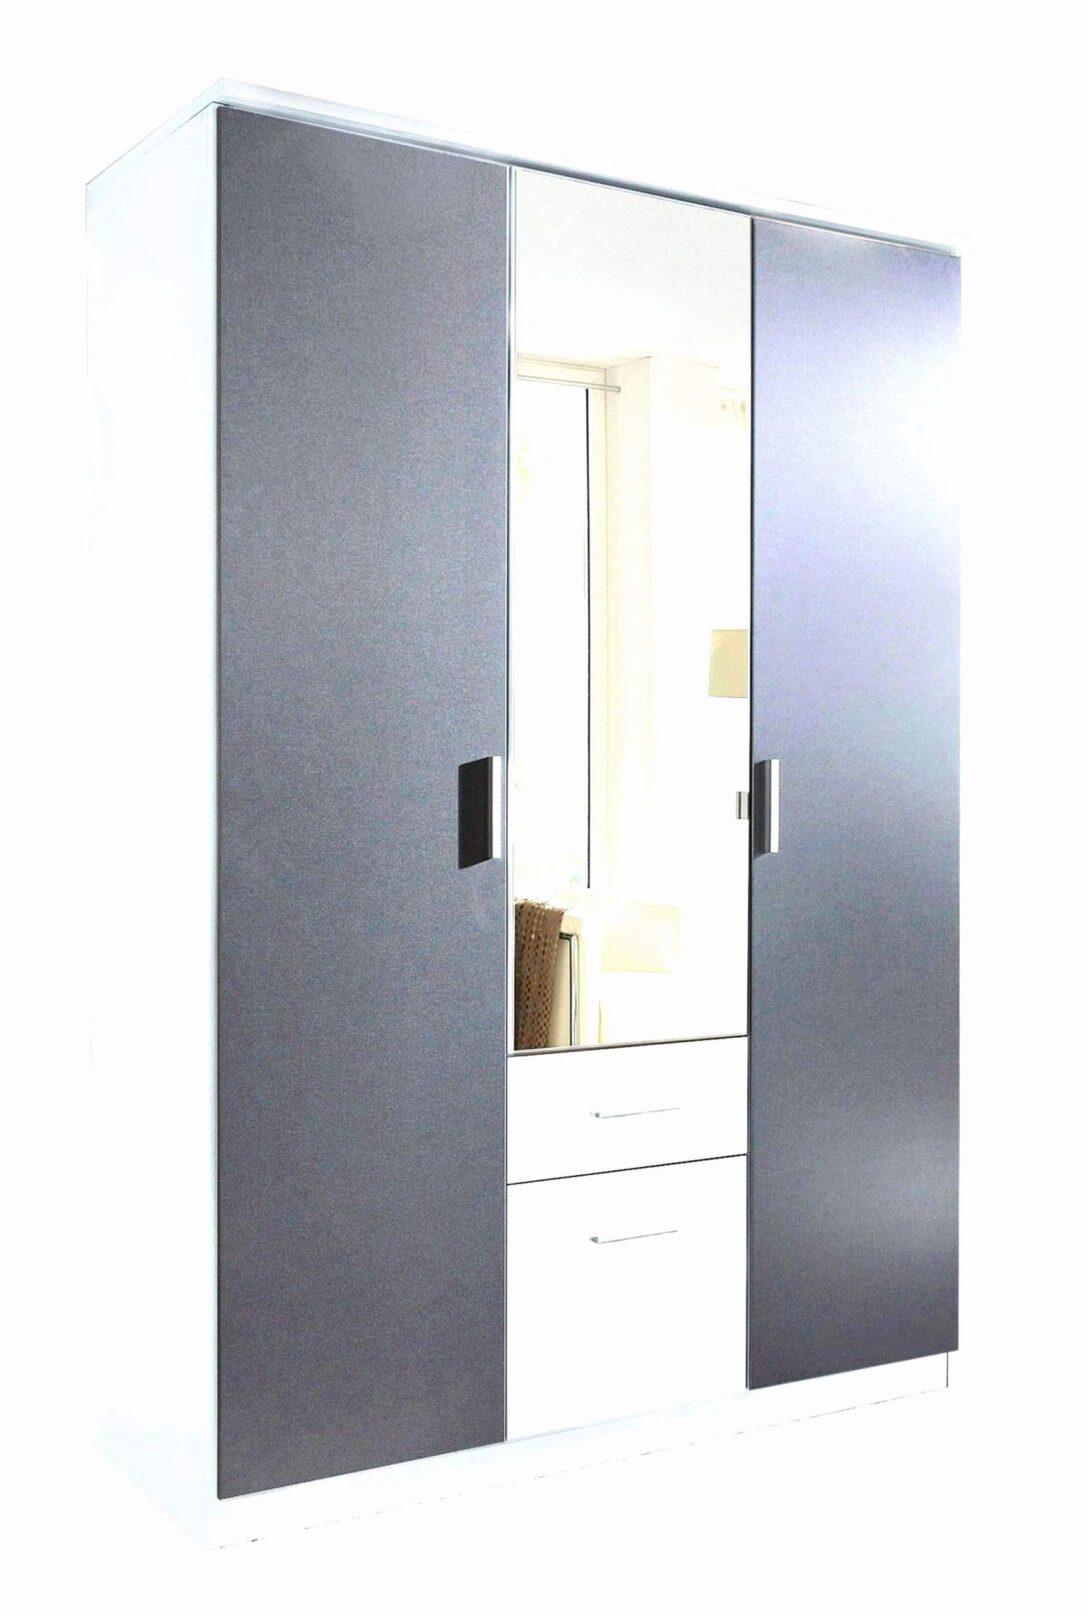 Large Size of Ikea Küche Eckschrank Eckschrnke Wohnzimmer Elegant Schlafzimmer Was Kostet Eine Singelküche Kleiner Tisch Modulküche Deckenleuchte L Mit Elektrogeräten Wohnzimmer Ikea Küche Eckschrank